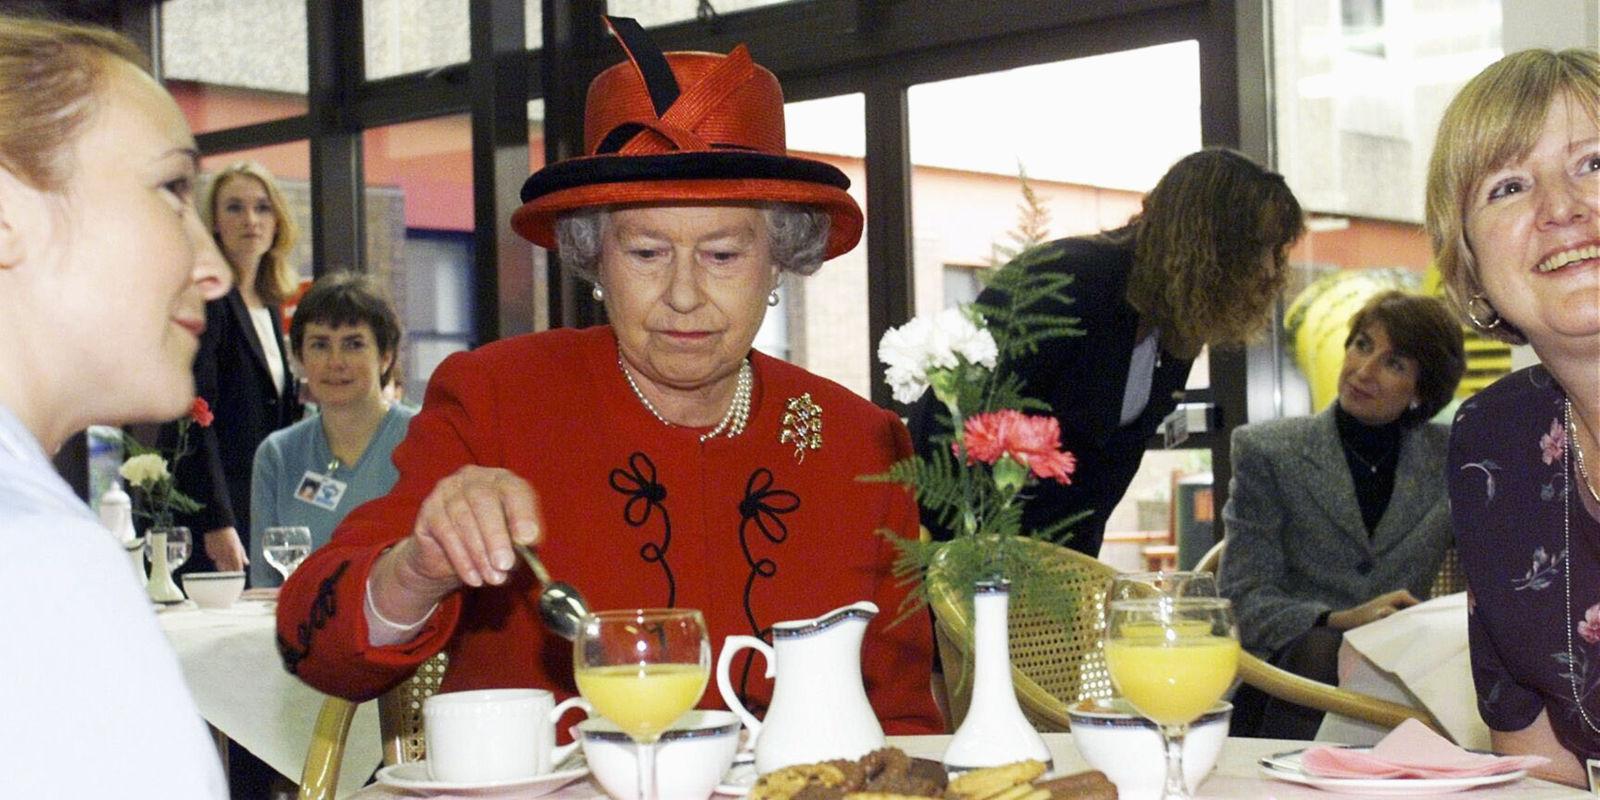 Starsza kobieta ubrana w czerwoną suknię je śniadanie.